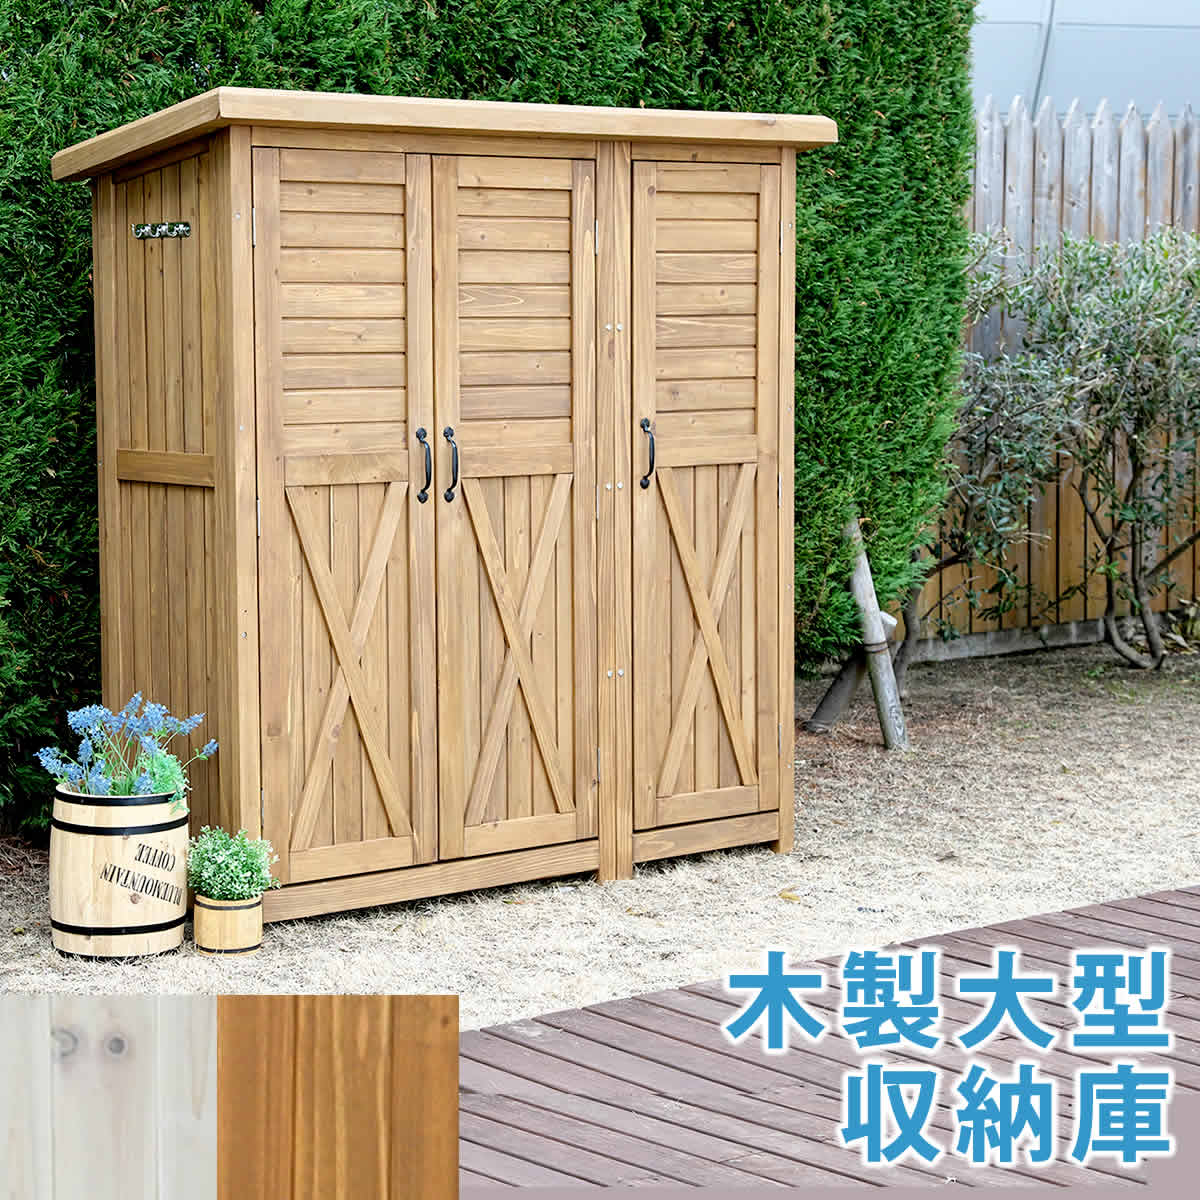 【送料無料】 大型なのに省スペース 木製大型収納庫 三つ扉 (ライトブラウン/ホワイト)